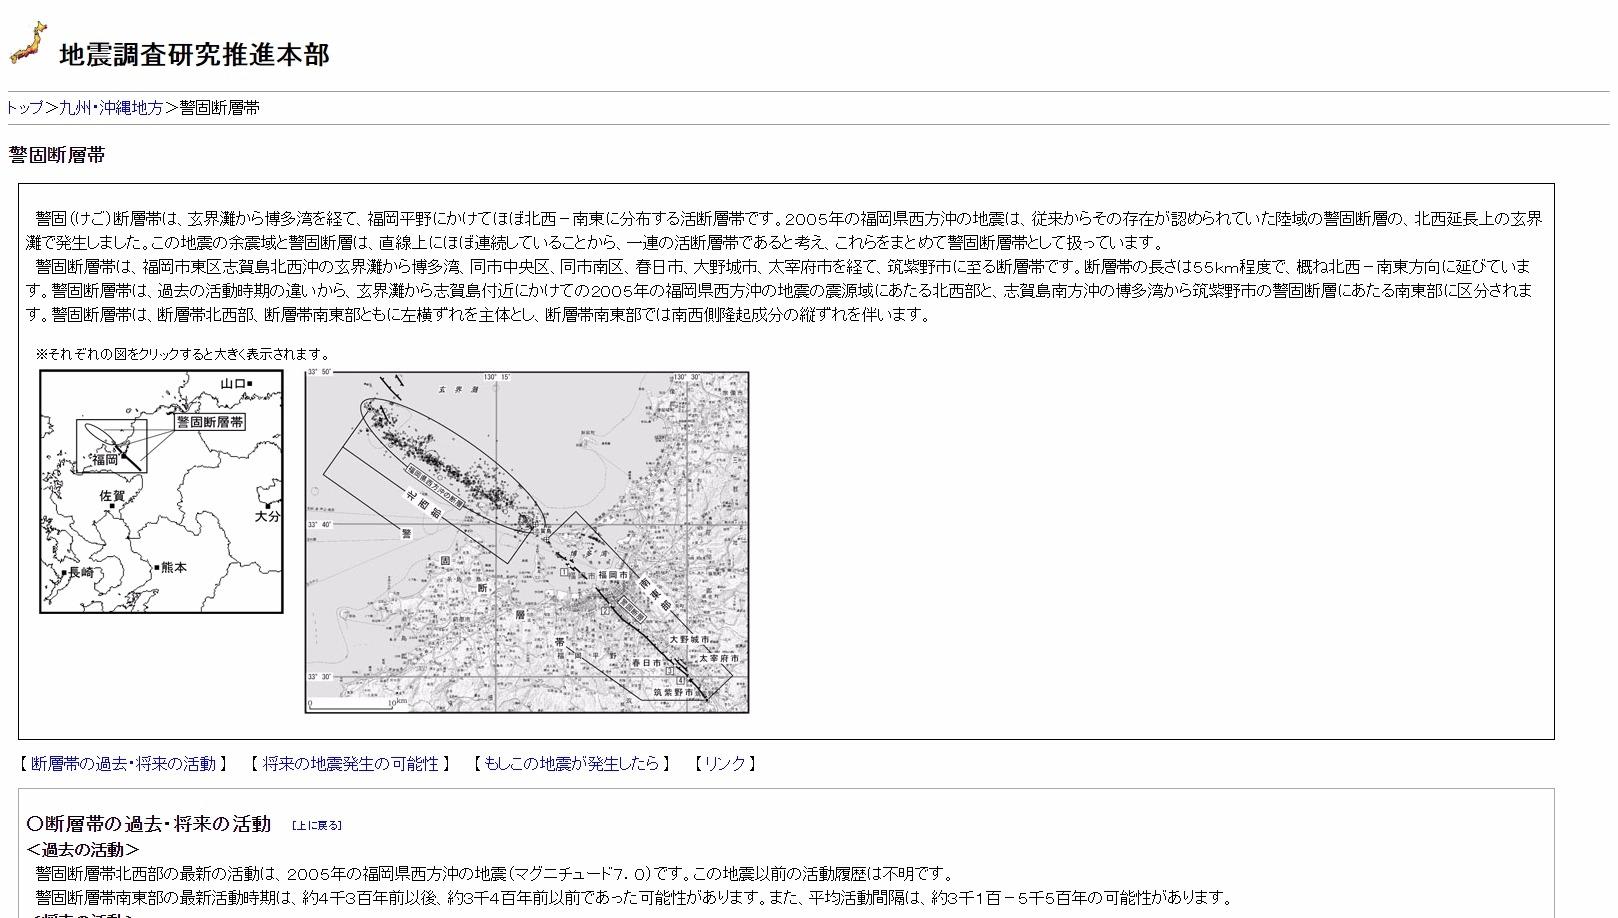 【地震予知】福岡県北西沖で小規模地震が続く…震源は「警固断層」帯付近で気象台も注意呼びかけ